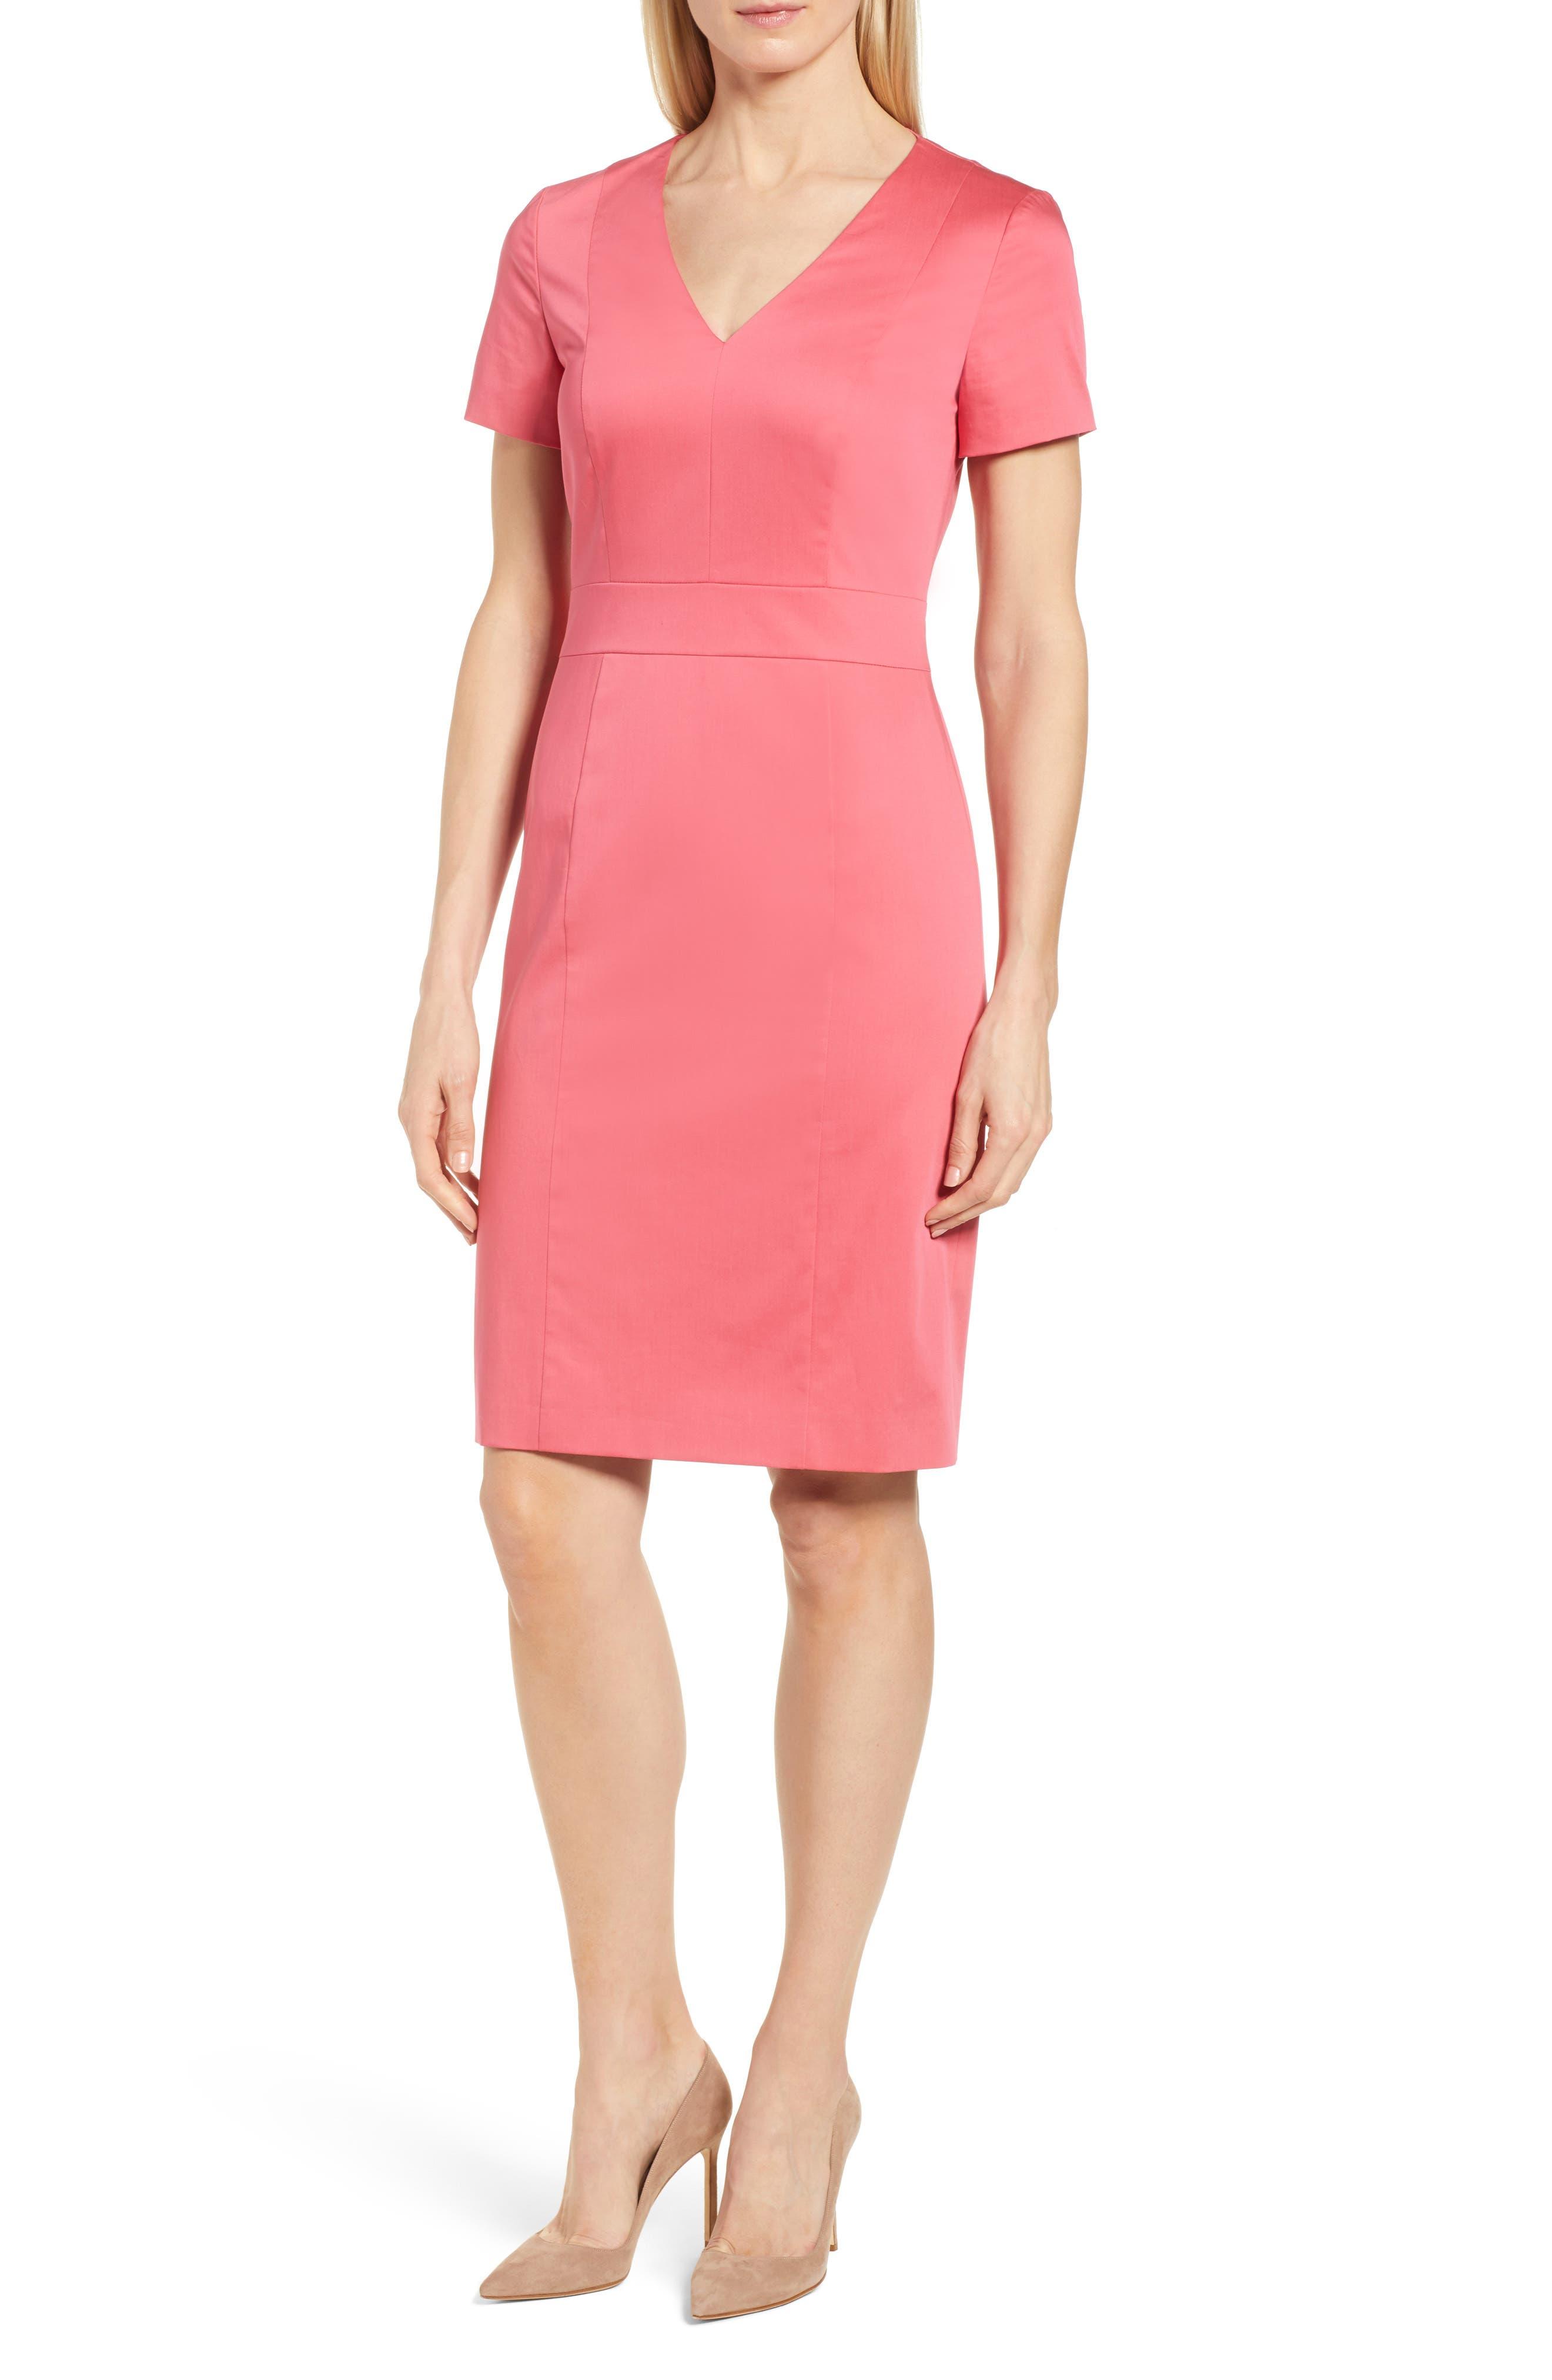 Dasali V-Neck Sheath Dress,                             Main thumbnail 1, color,                             Lychee Pink